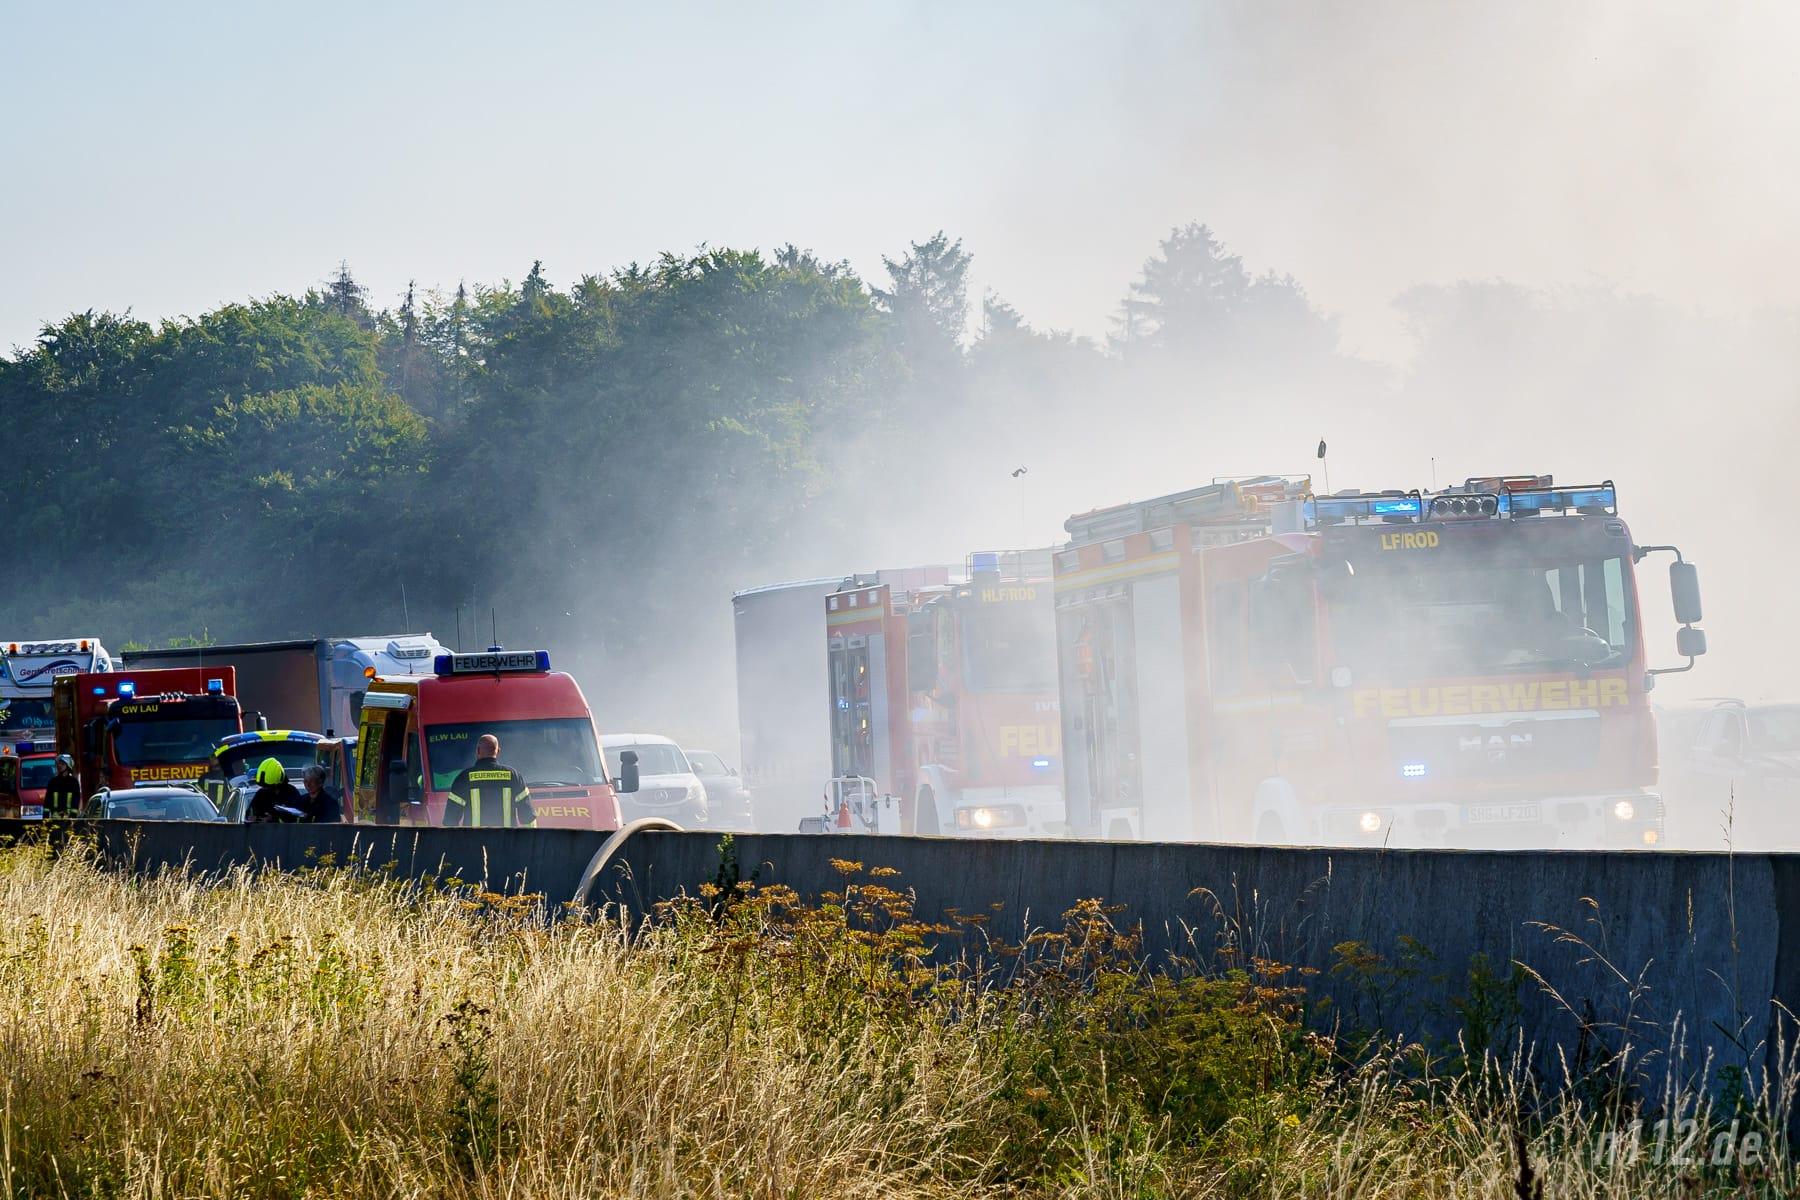 Feuerwehrfahrzeuge und im Stau Wartende stehen im Rauch (Foto: n112.de/Stefan Simonsen)